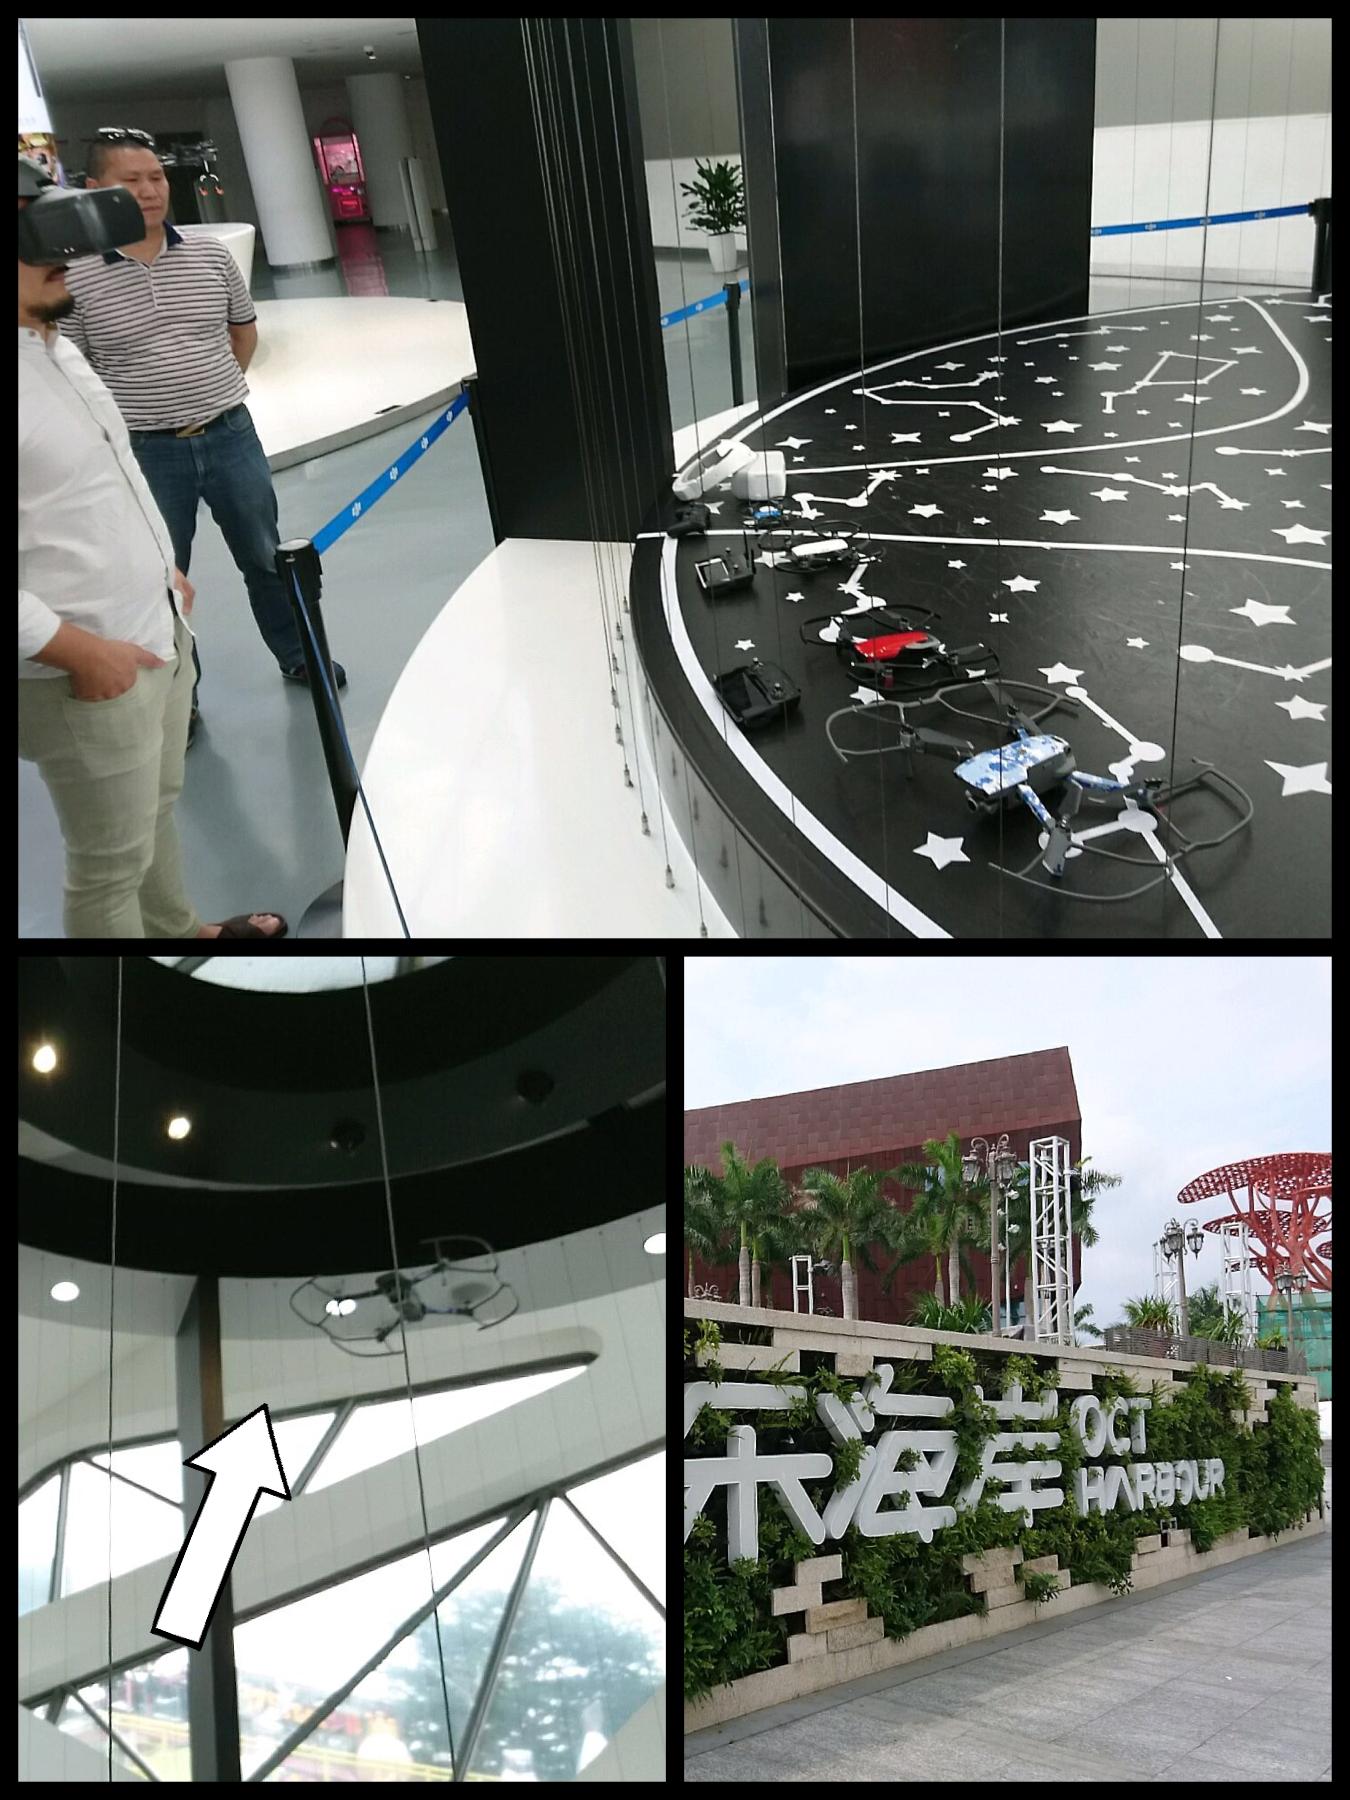 中国 深セン深圳に行った ドローンメーカーDJI本社